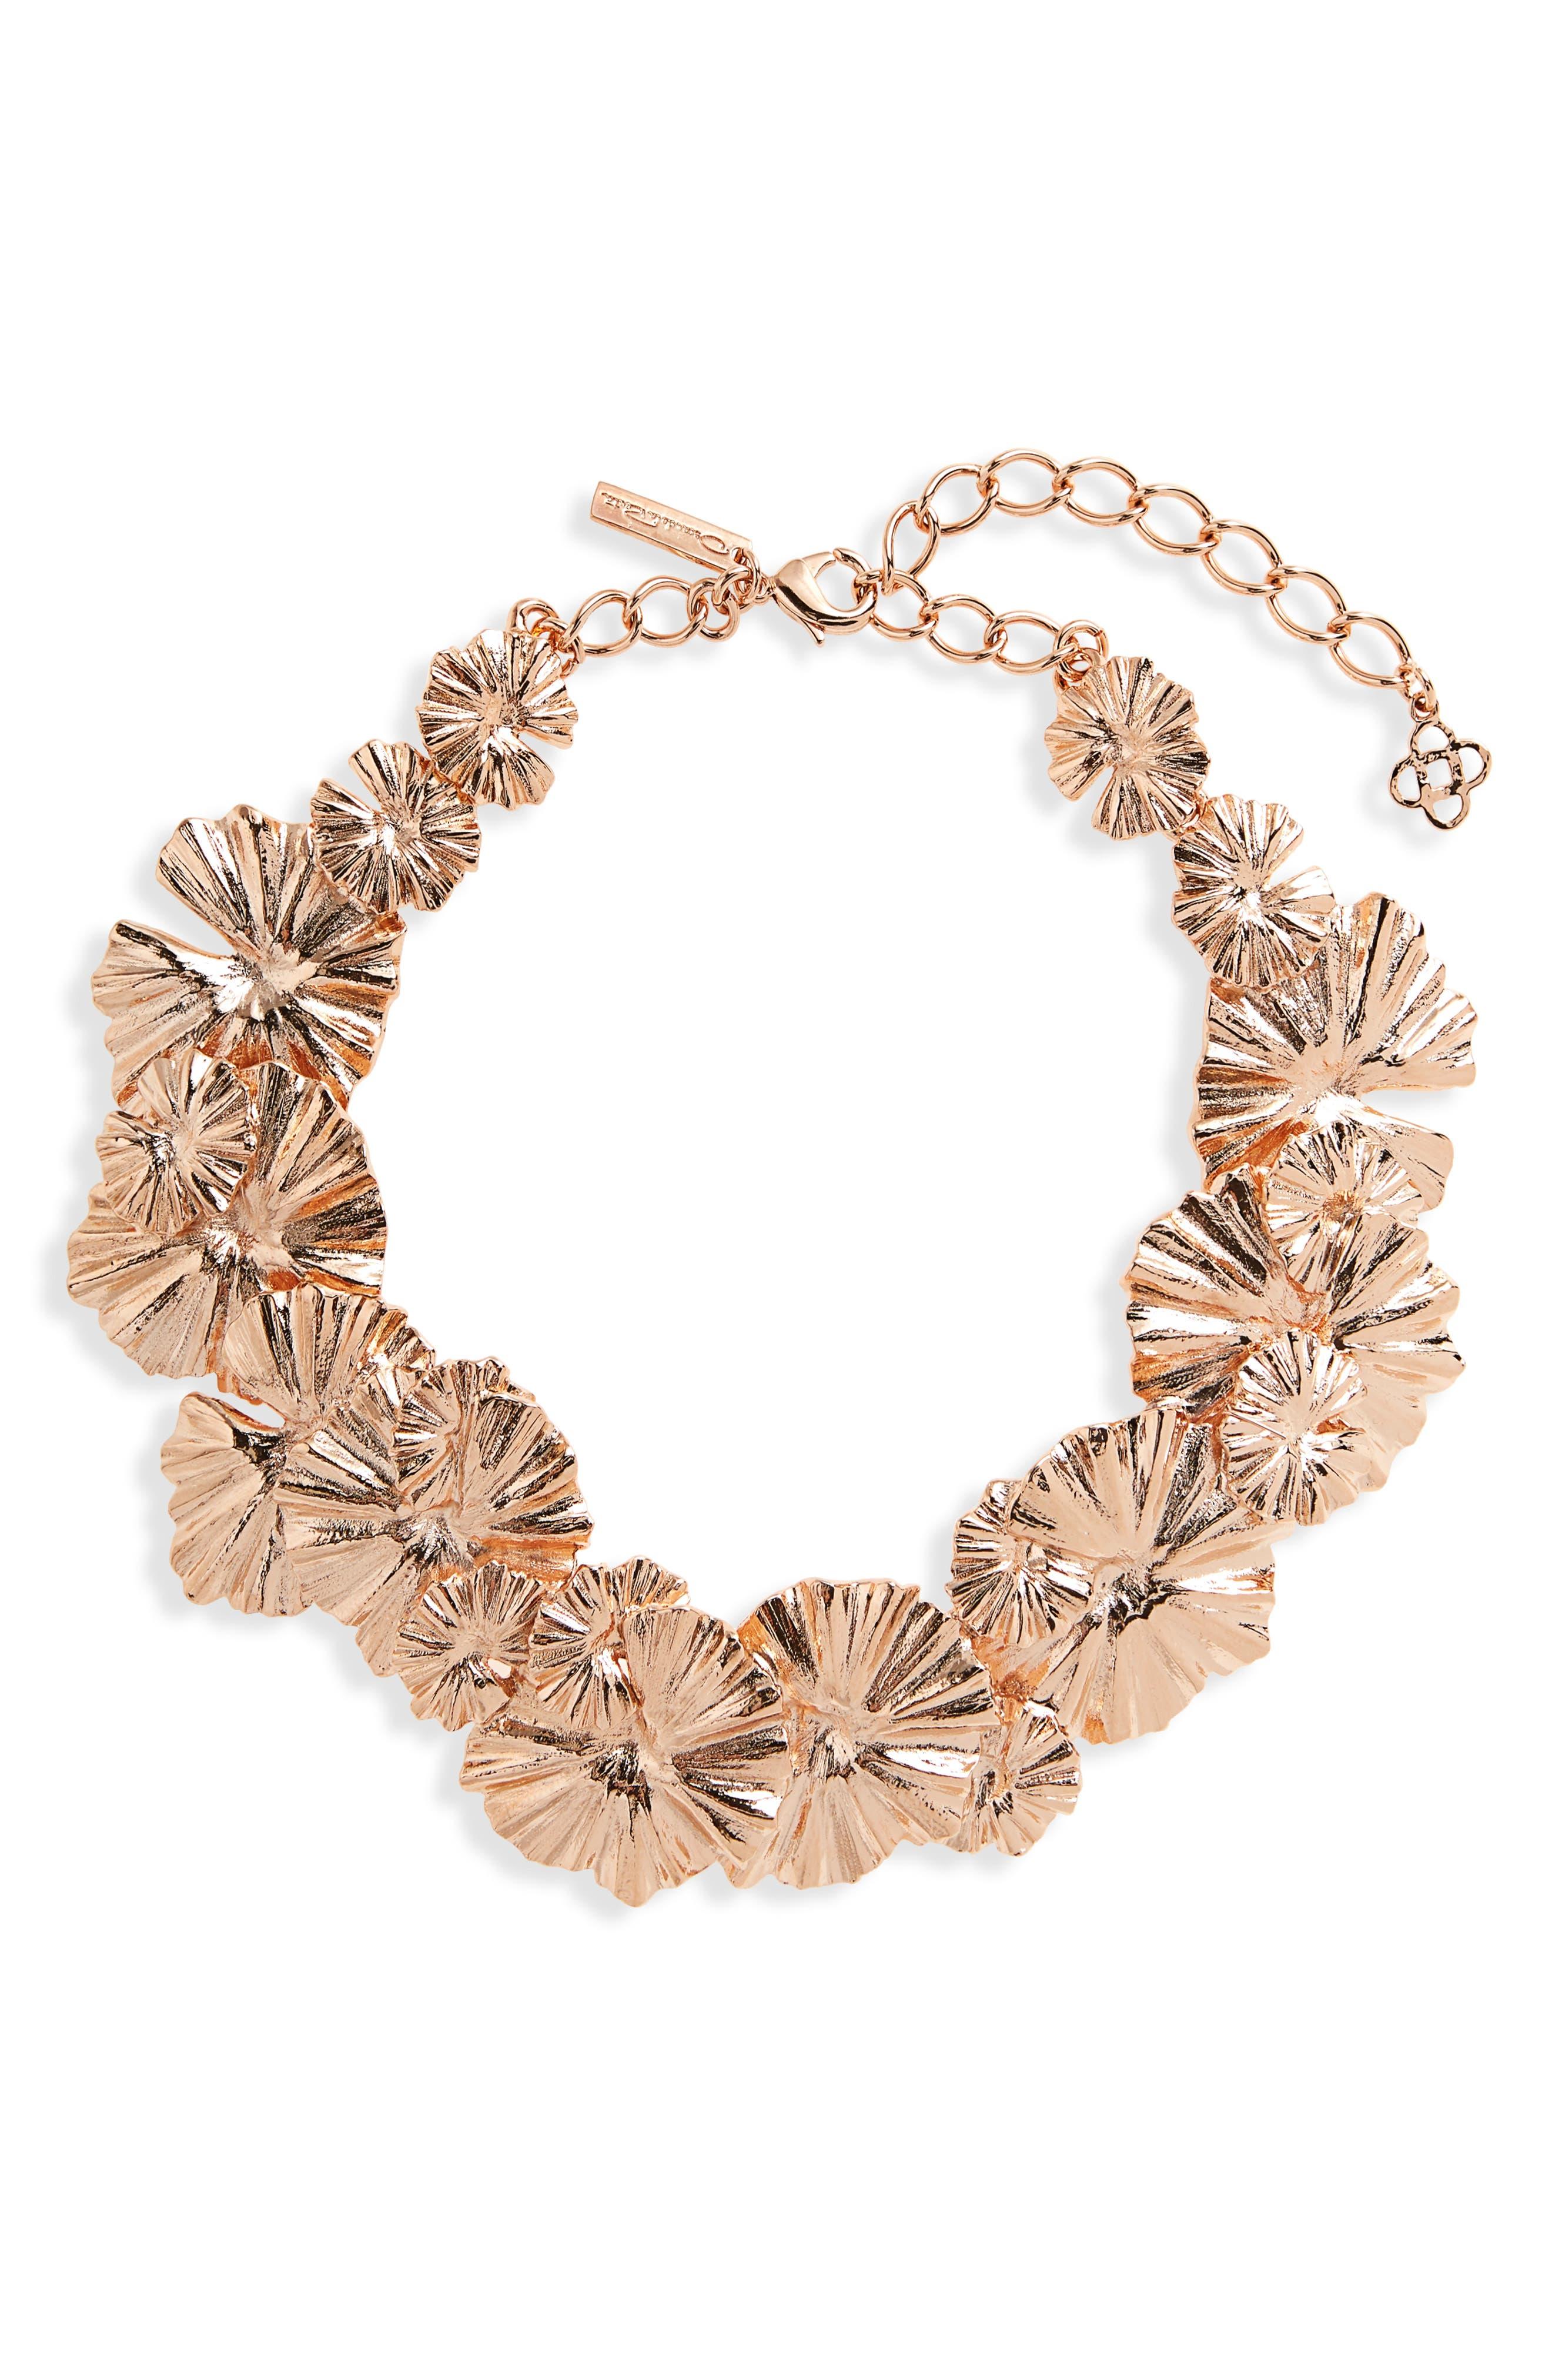 Main Image - Oscar de la Renta Wildflower Necklace